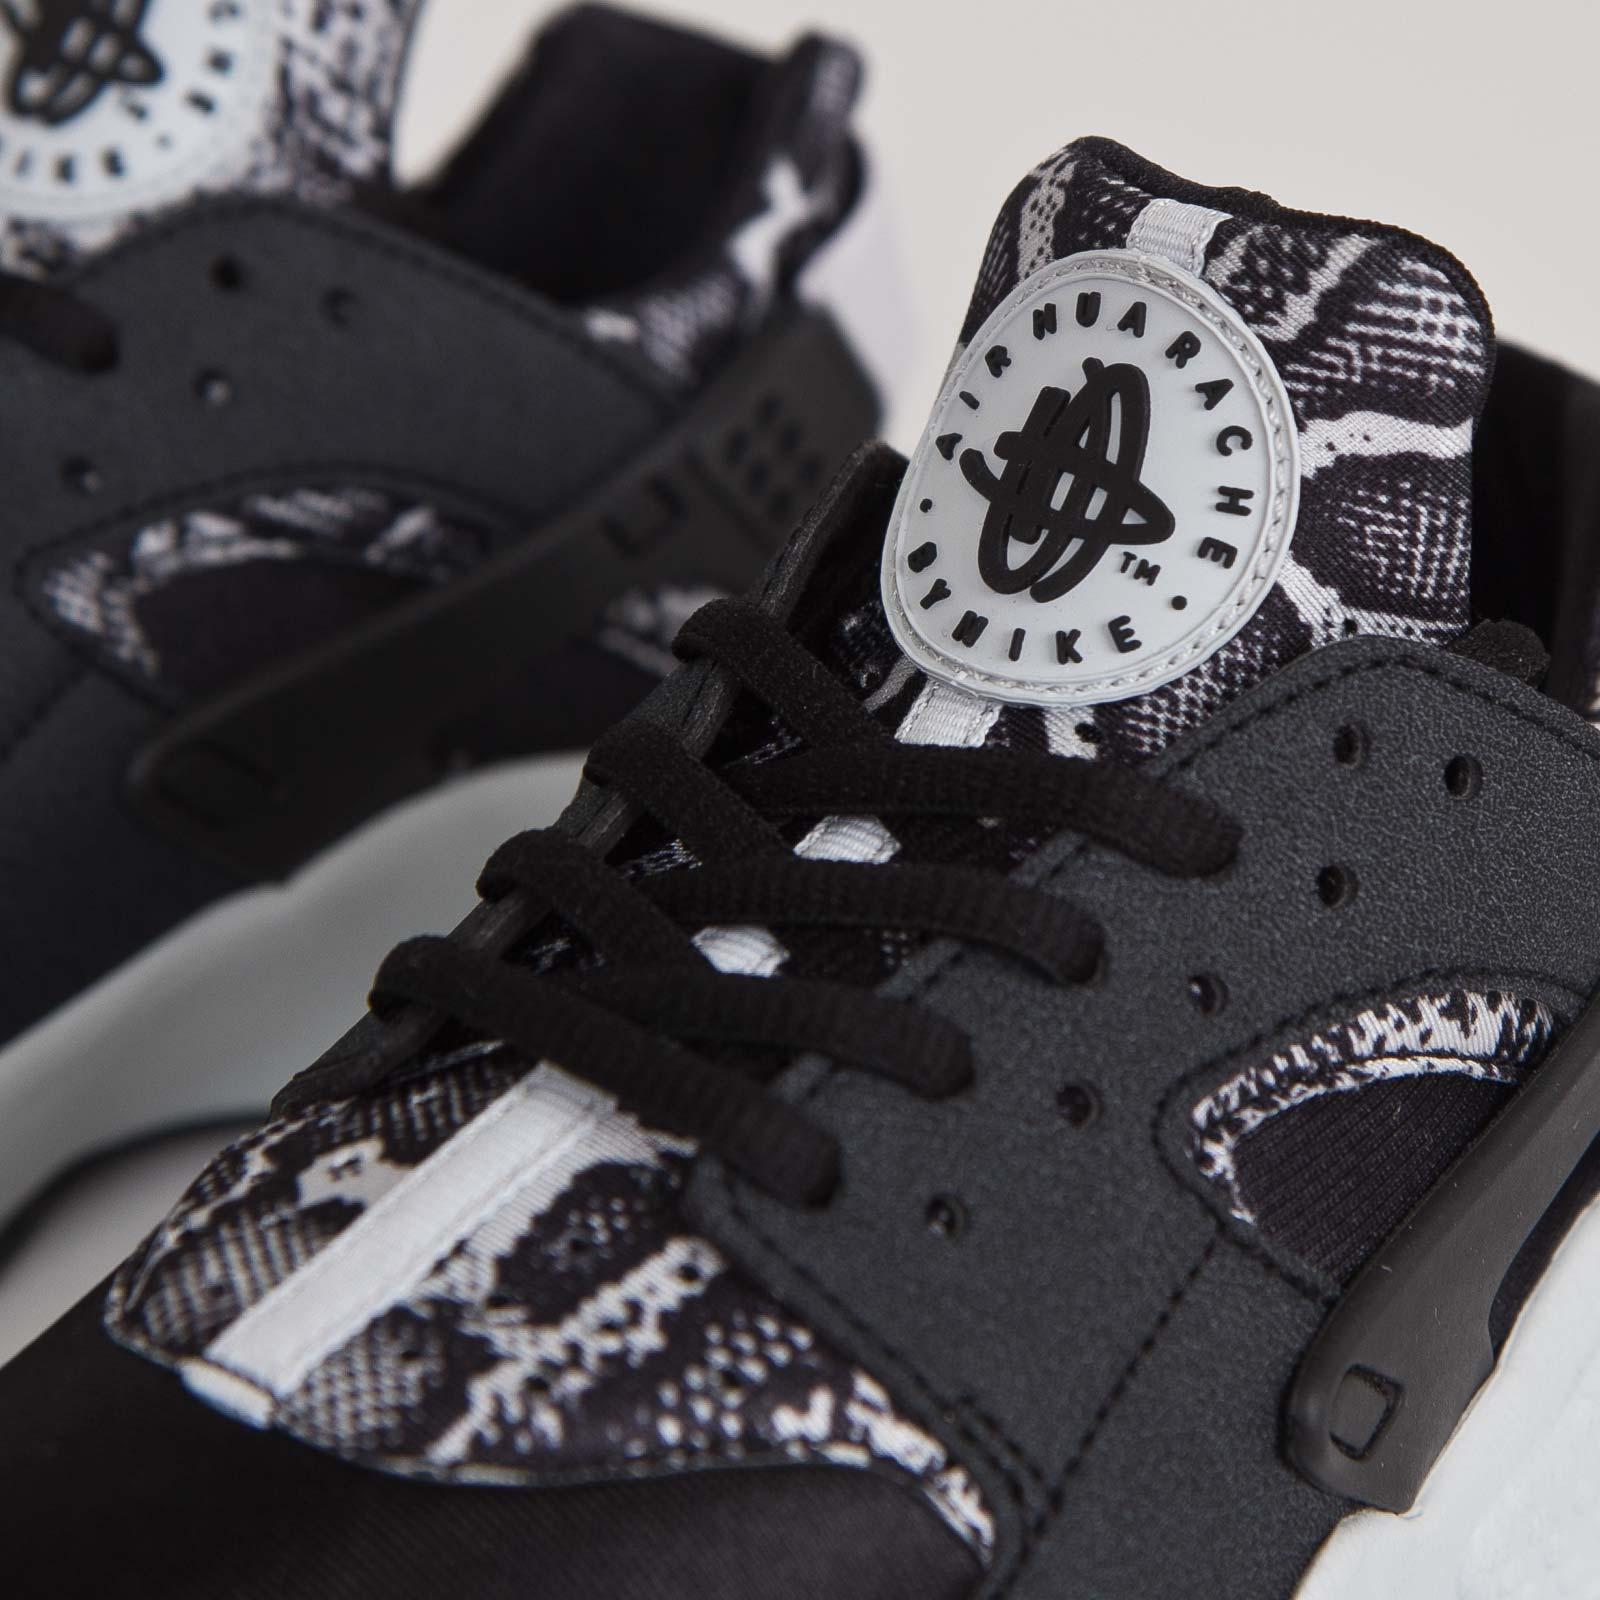 b35a6b21e21e Nike Wmns Air Huarache Run Print - 725076-002 - Sneakersnstuff ...